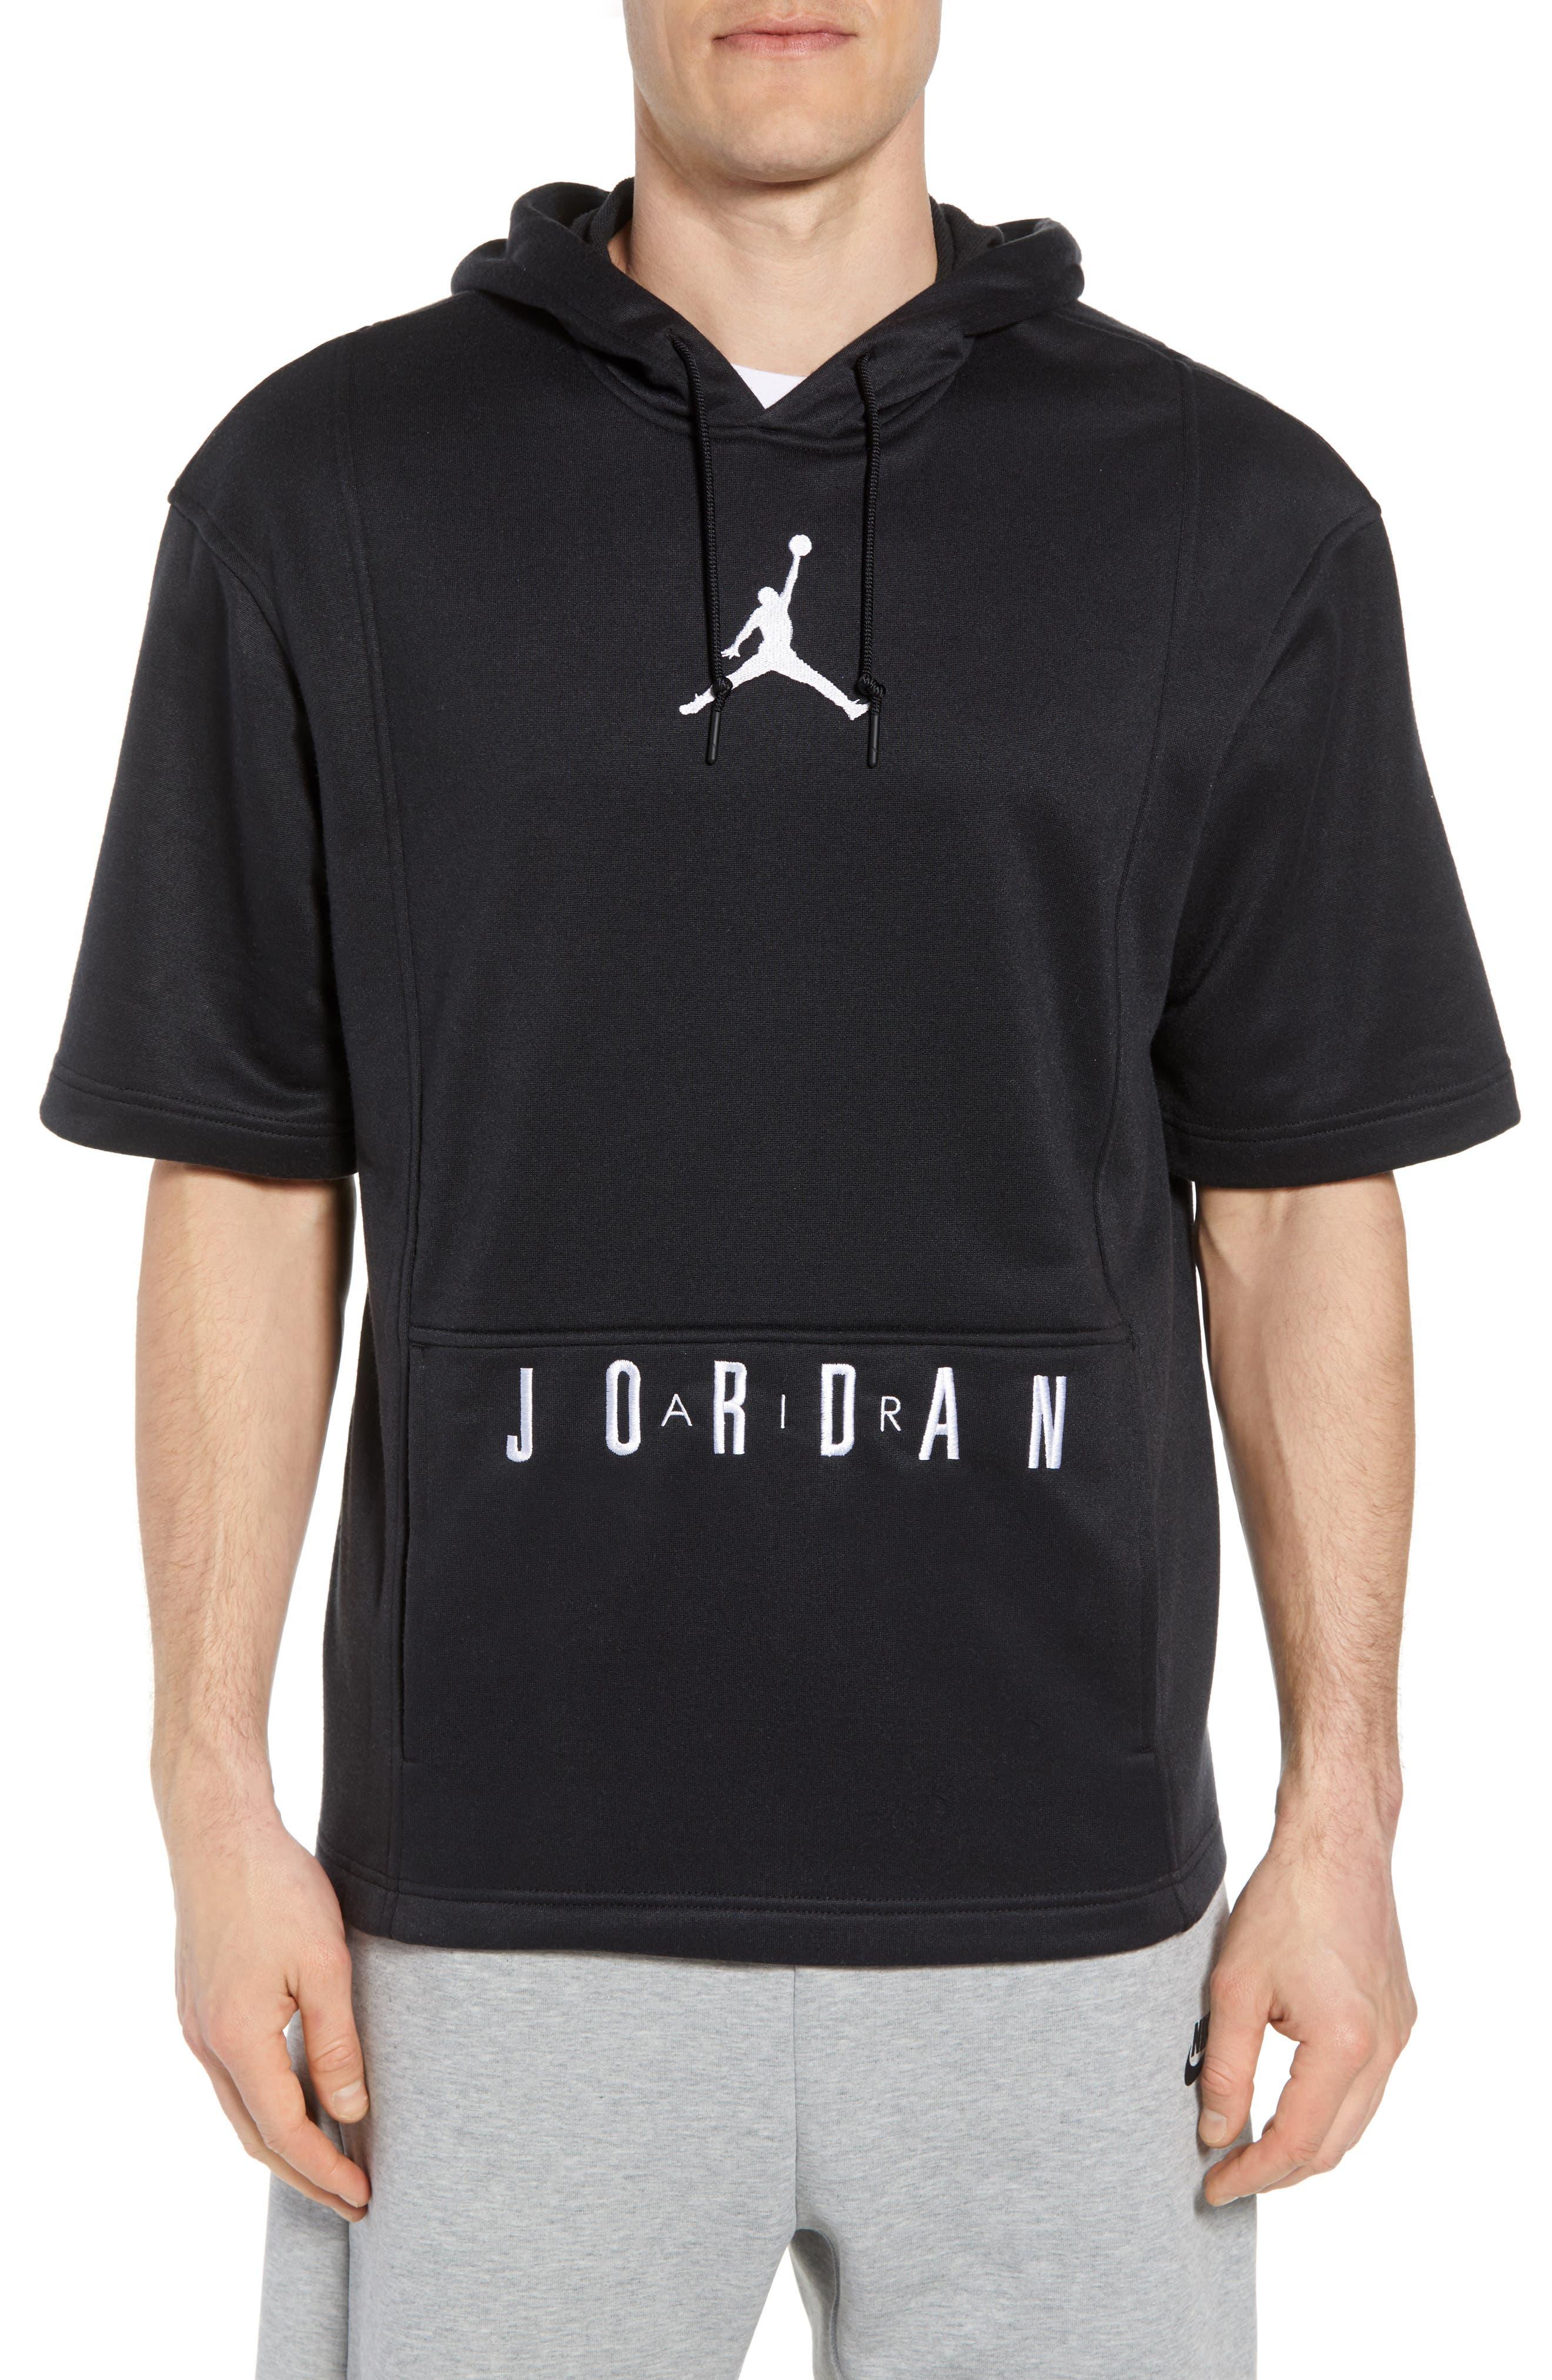 Jordan Short Sleeve Basketball Hoodie